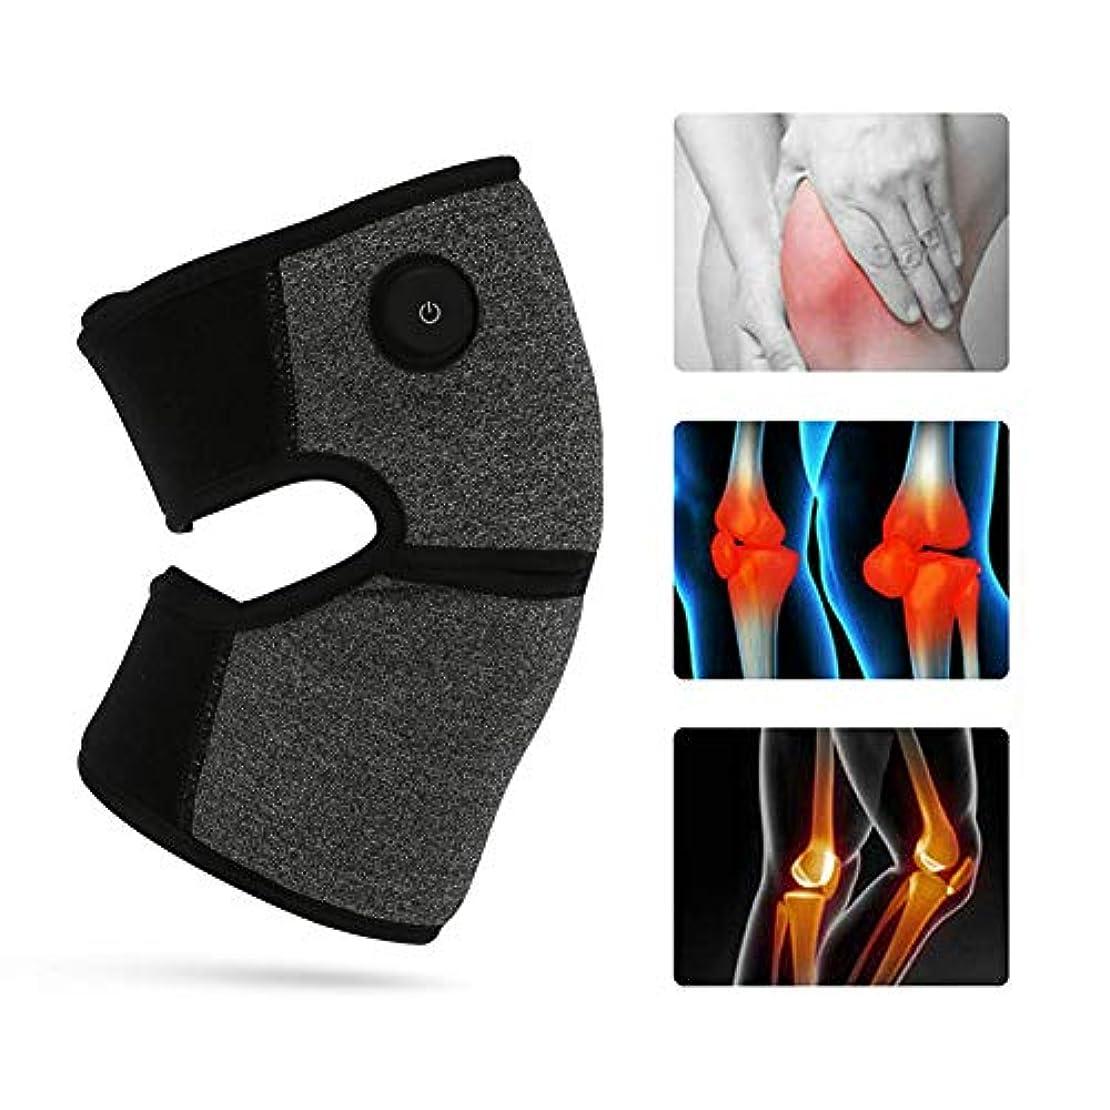 平日太陽とても電気加熱膝パッド加熱膝ブレースラップサポート療法ホット圧縮3ファイル温度で関節炎膝の痛み,1pc